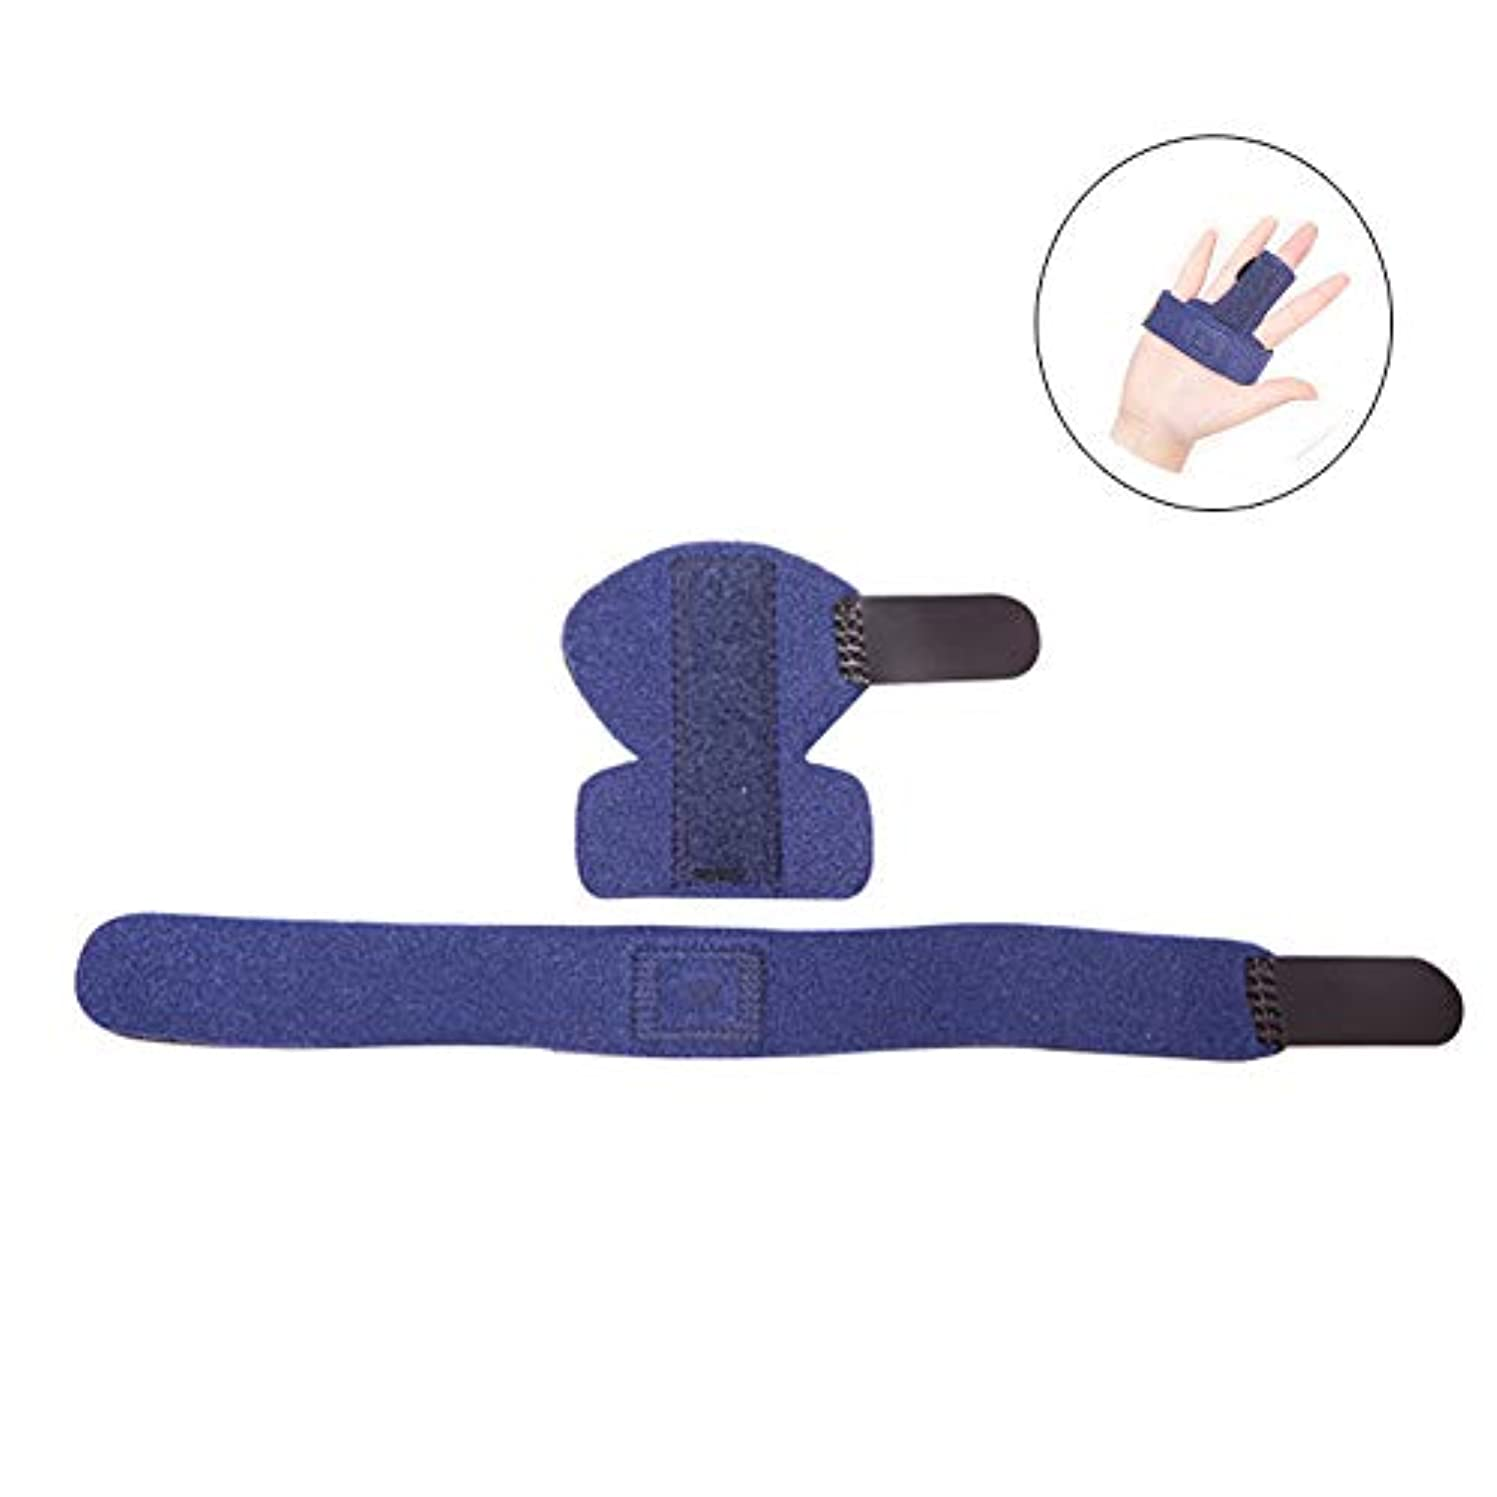 ピカソ縁石電化する指の痛みの軽減、指の関節の固定、指の骨折のための指サポート調整可能なプロテクターブレーススプリント